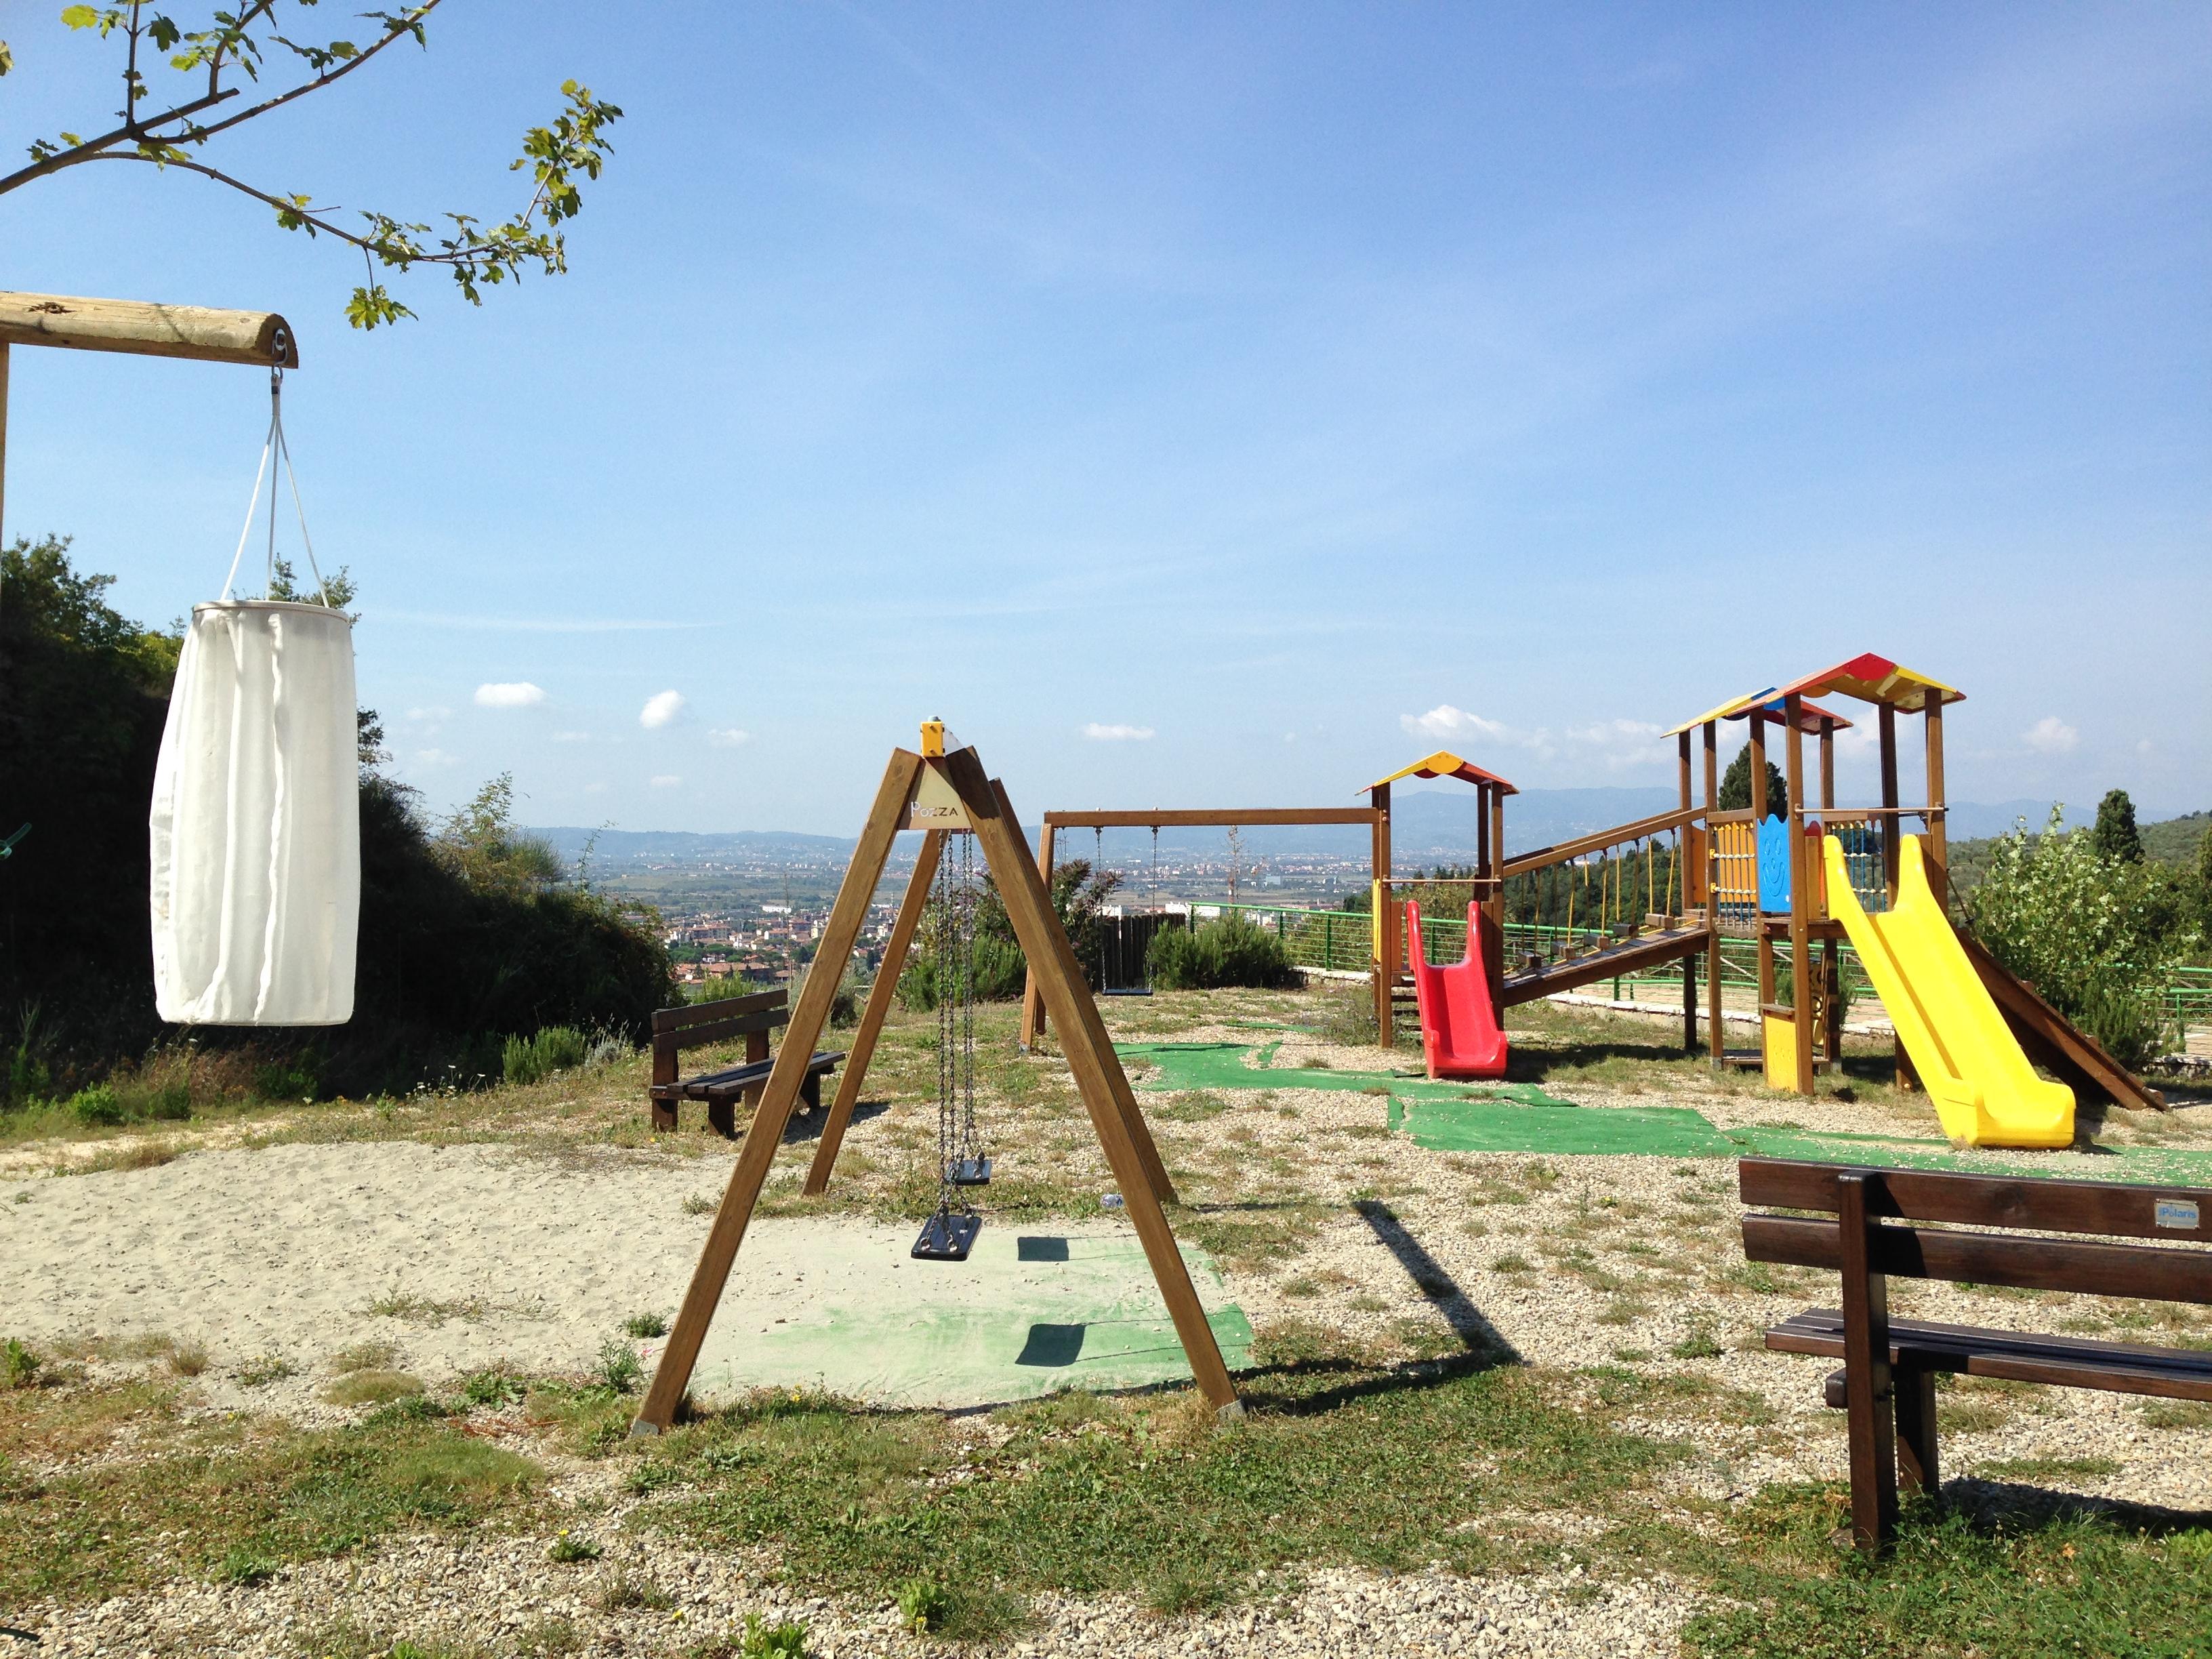 Un parco con scuola di mountain bike per bambini